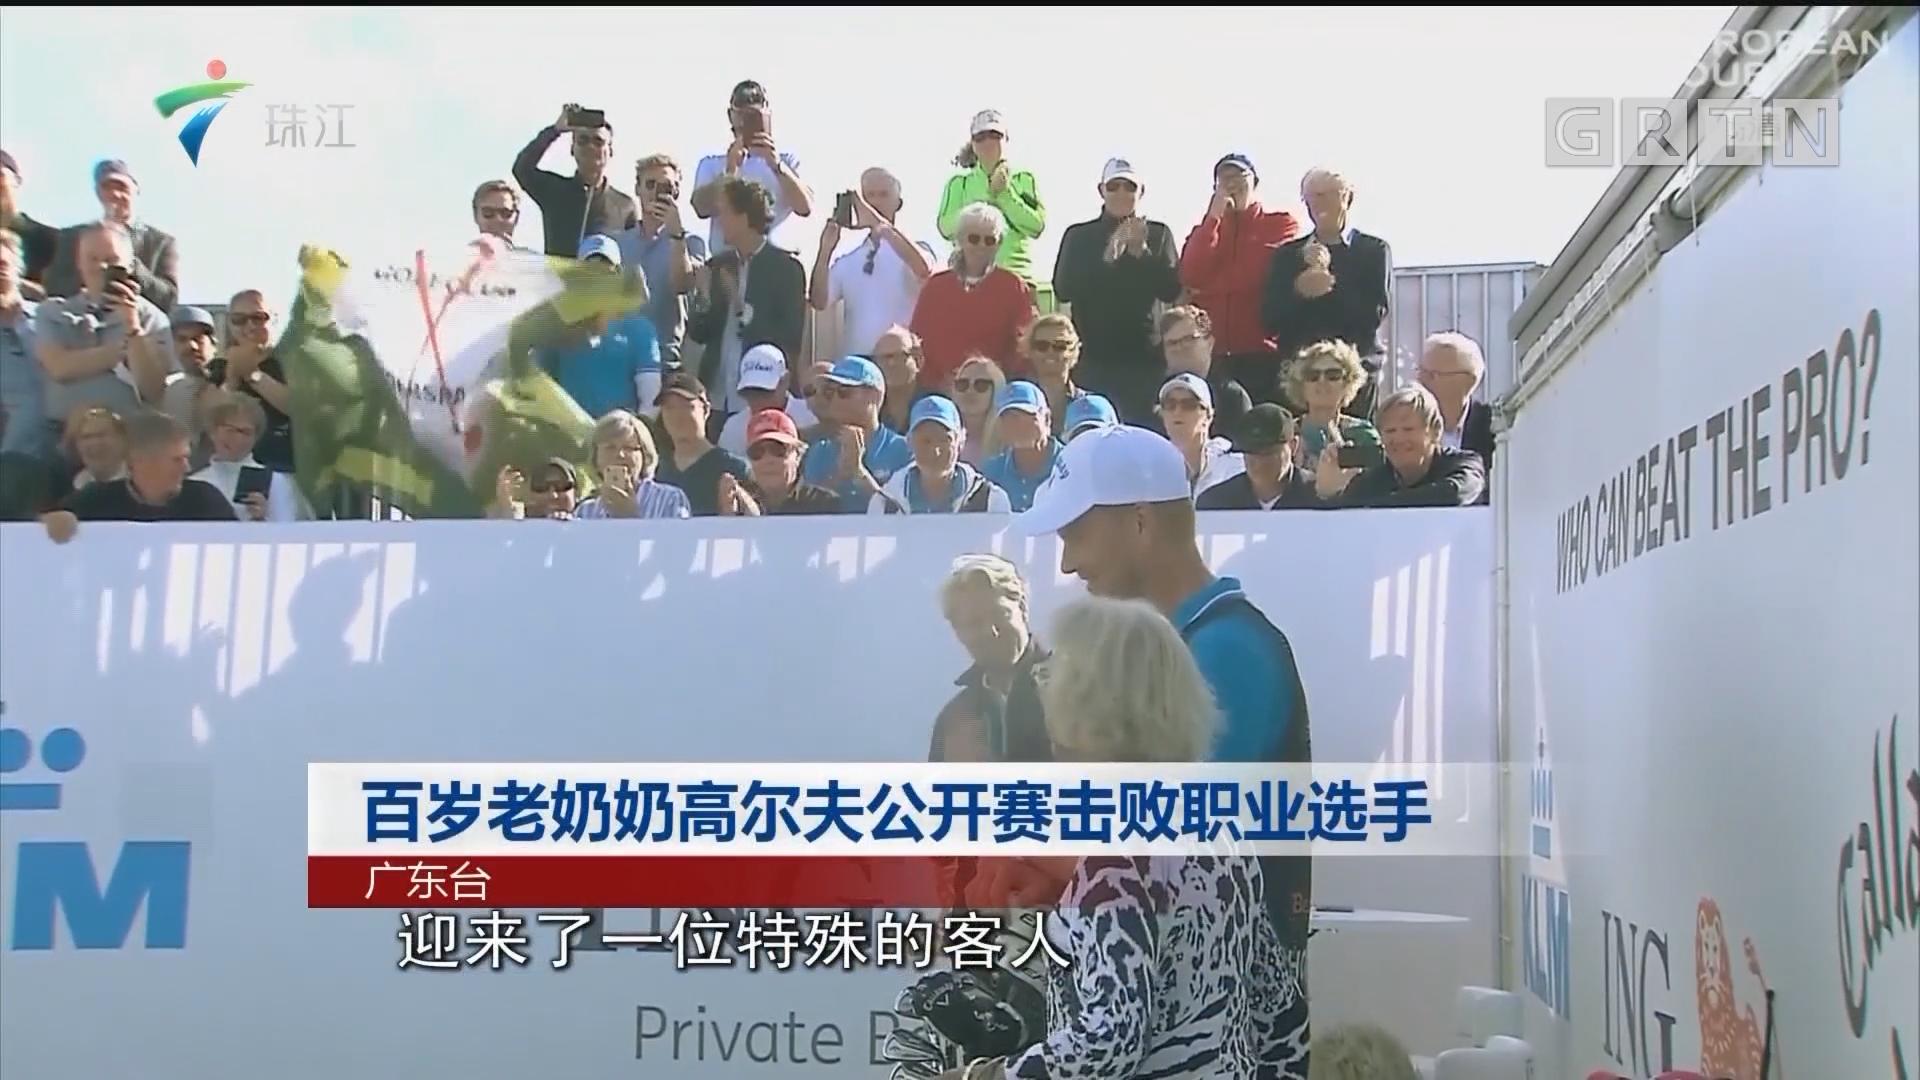 百岁老奶奶高尔夫公开赛击败职业选手